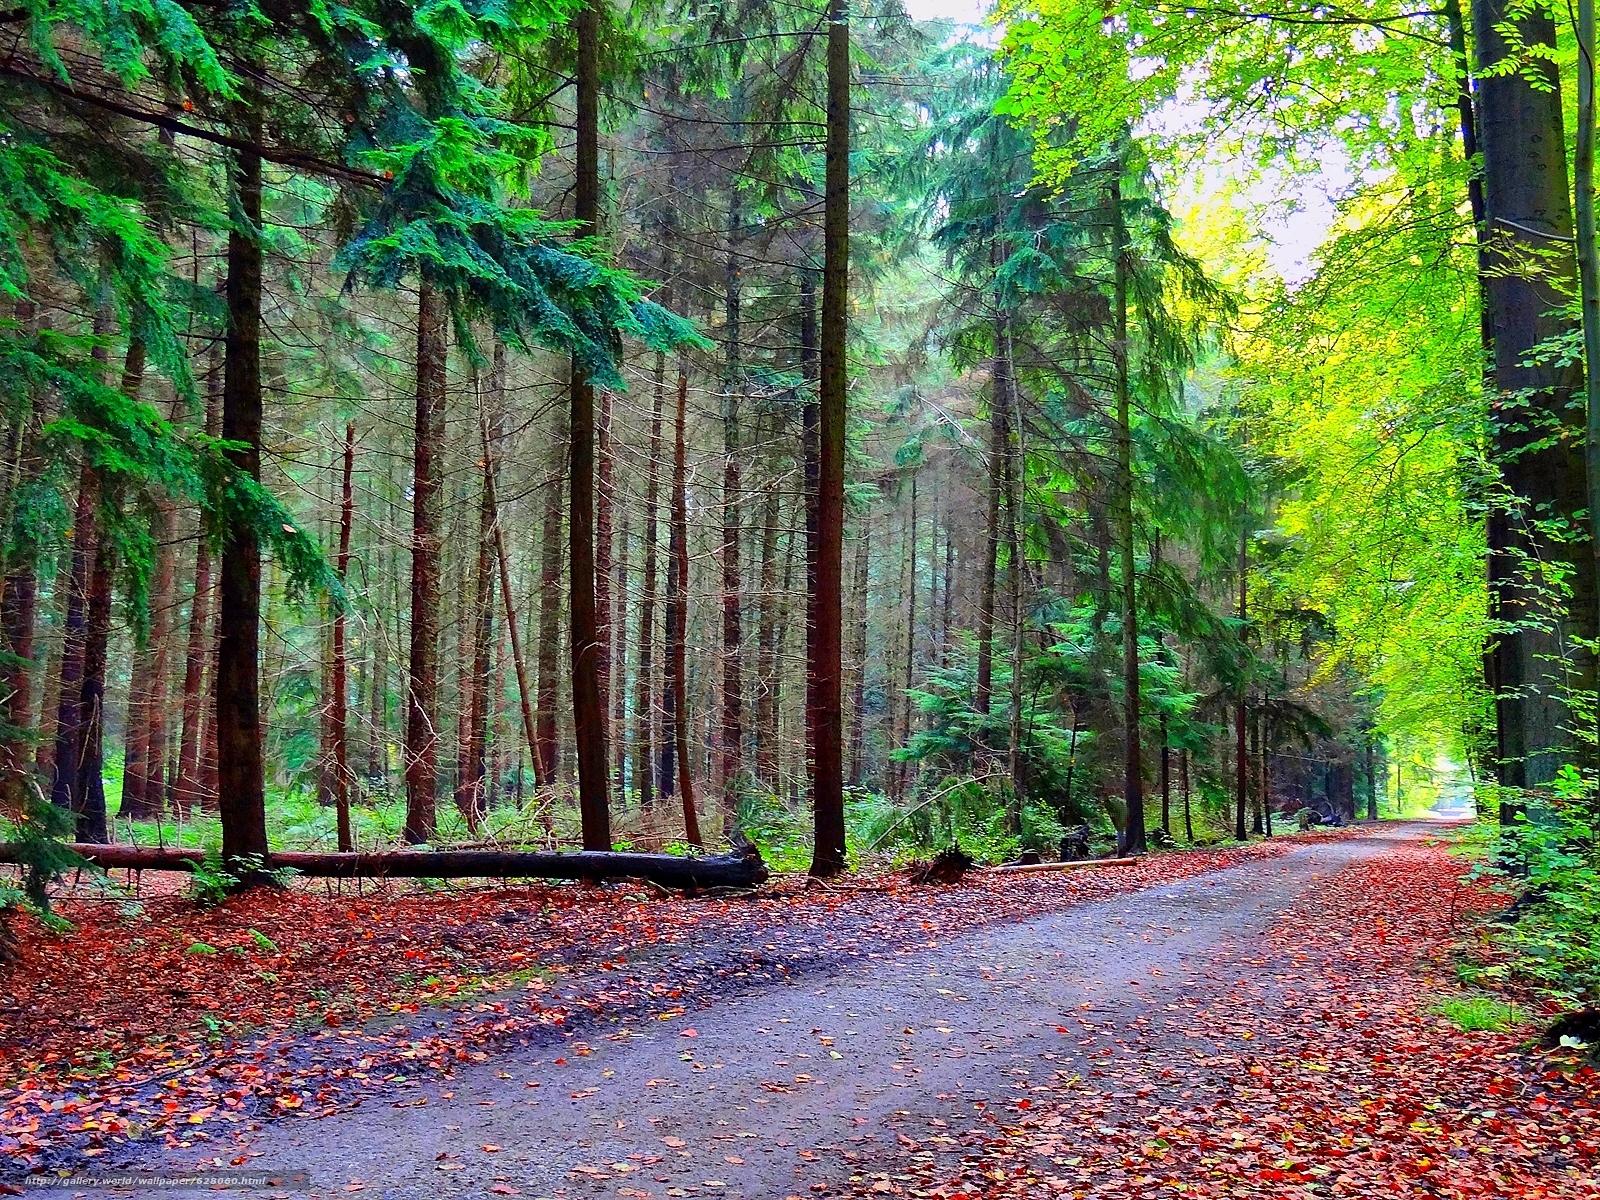 Tlcharger Fond d'ecran forêt,  route,  arbres,  paysage Fonds d'ecran gratuits pour votre rsolution du bureau 1600x1200 — image №628060